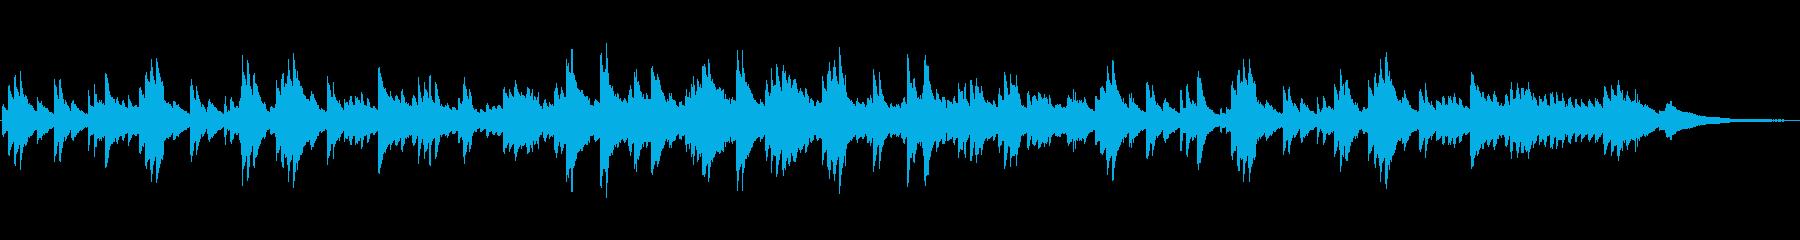 優しく切ないピアノソロ(短調)自然な旋律の再生済みの波形